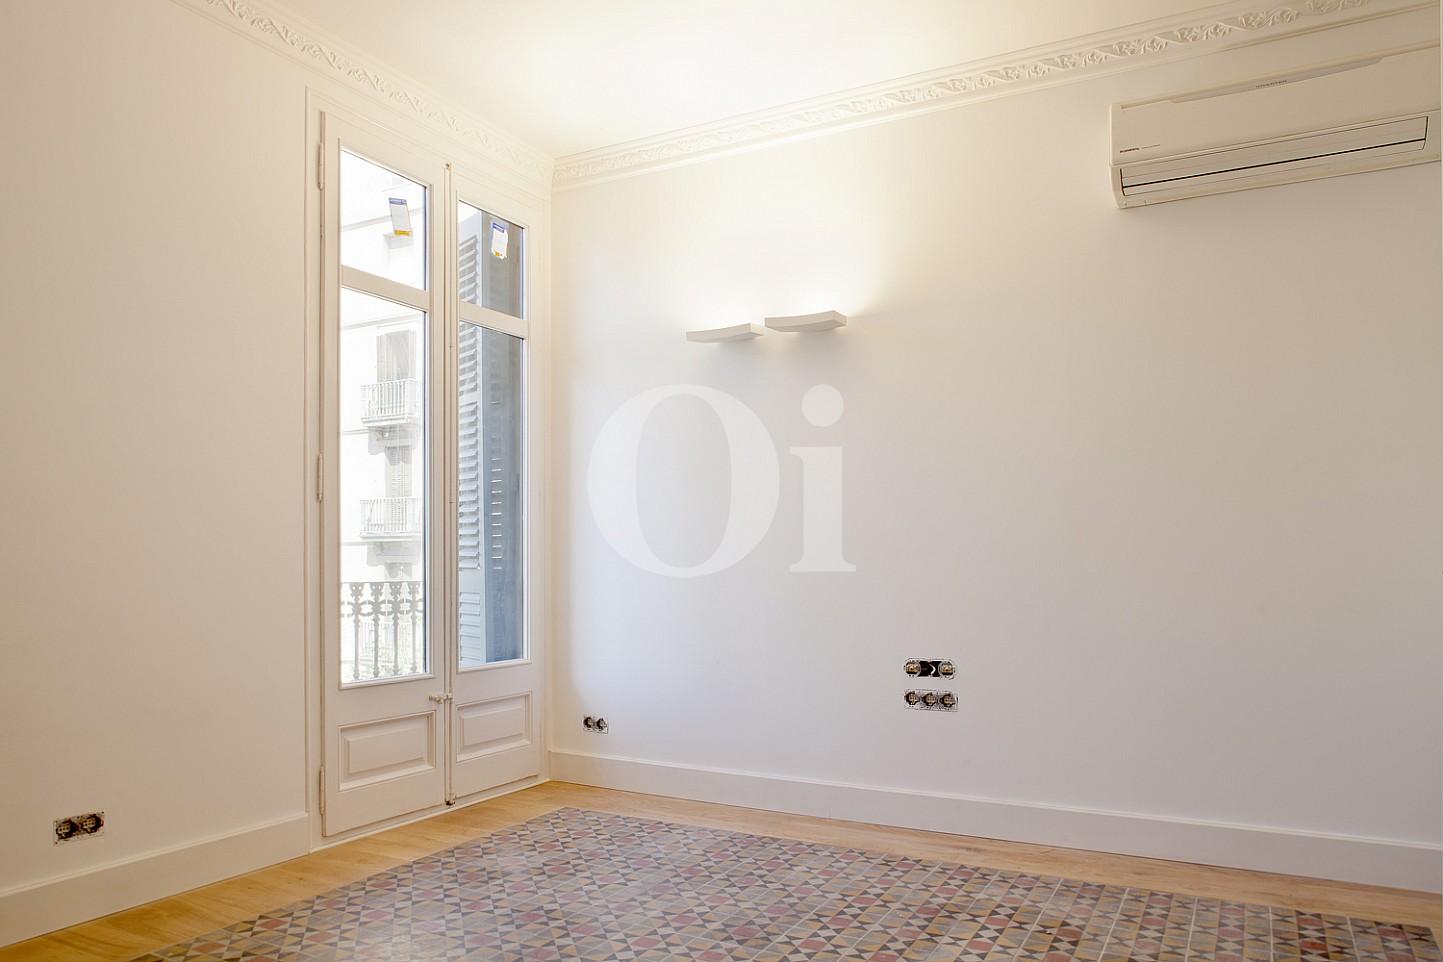 Светлая спальня  квартиры в Эшампле Дрета